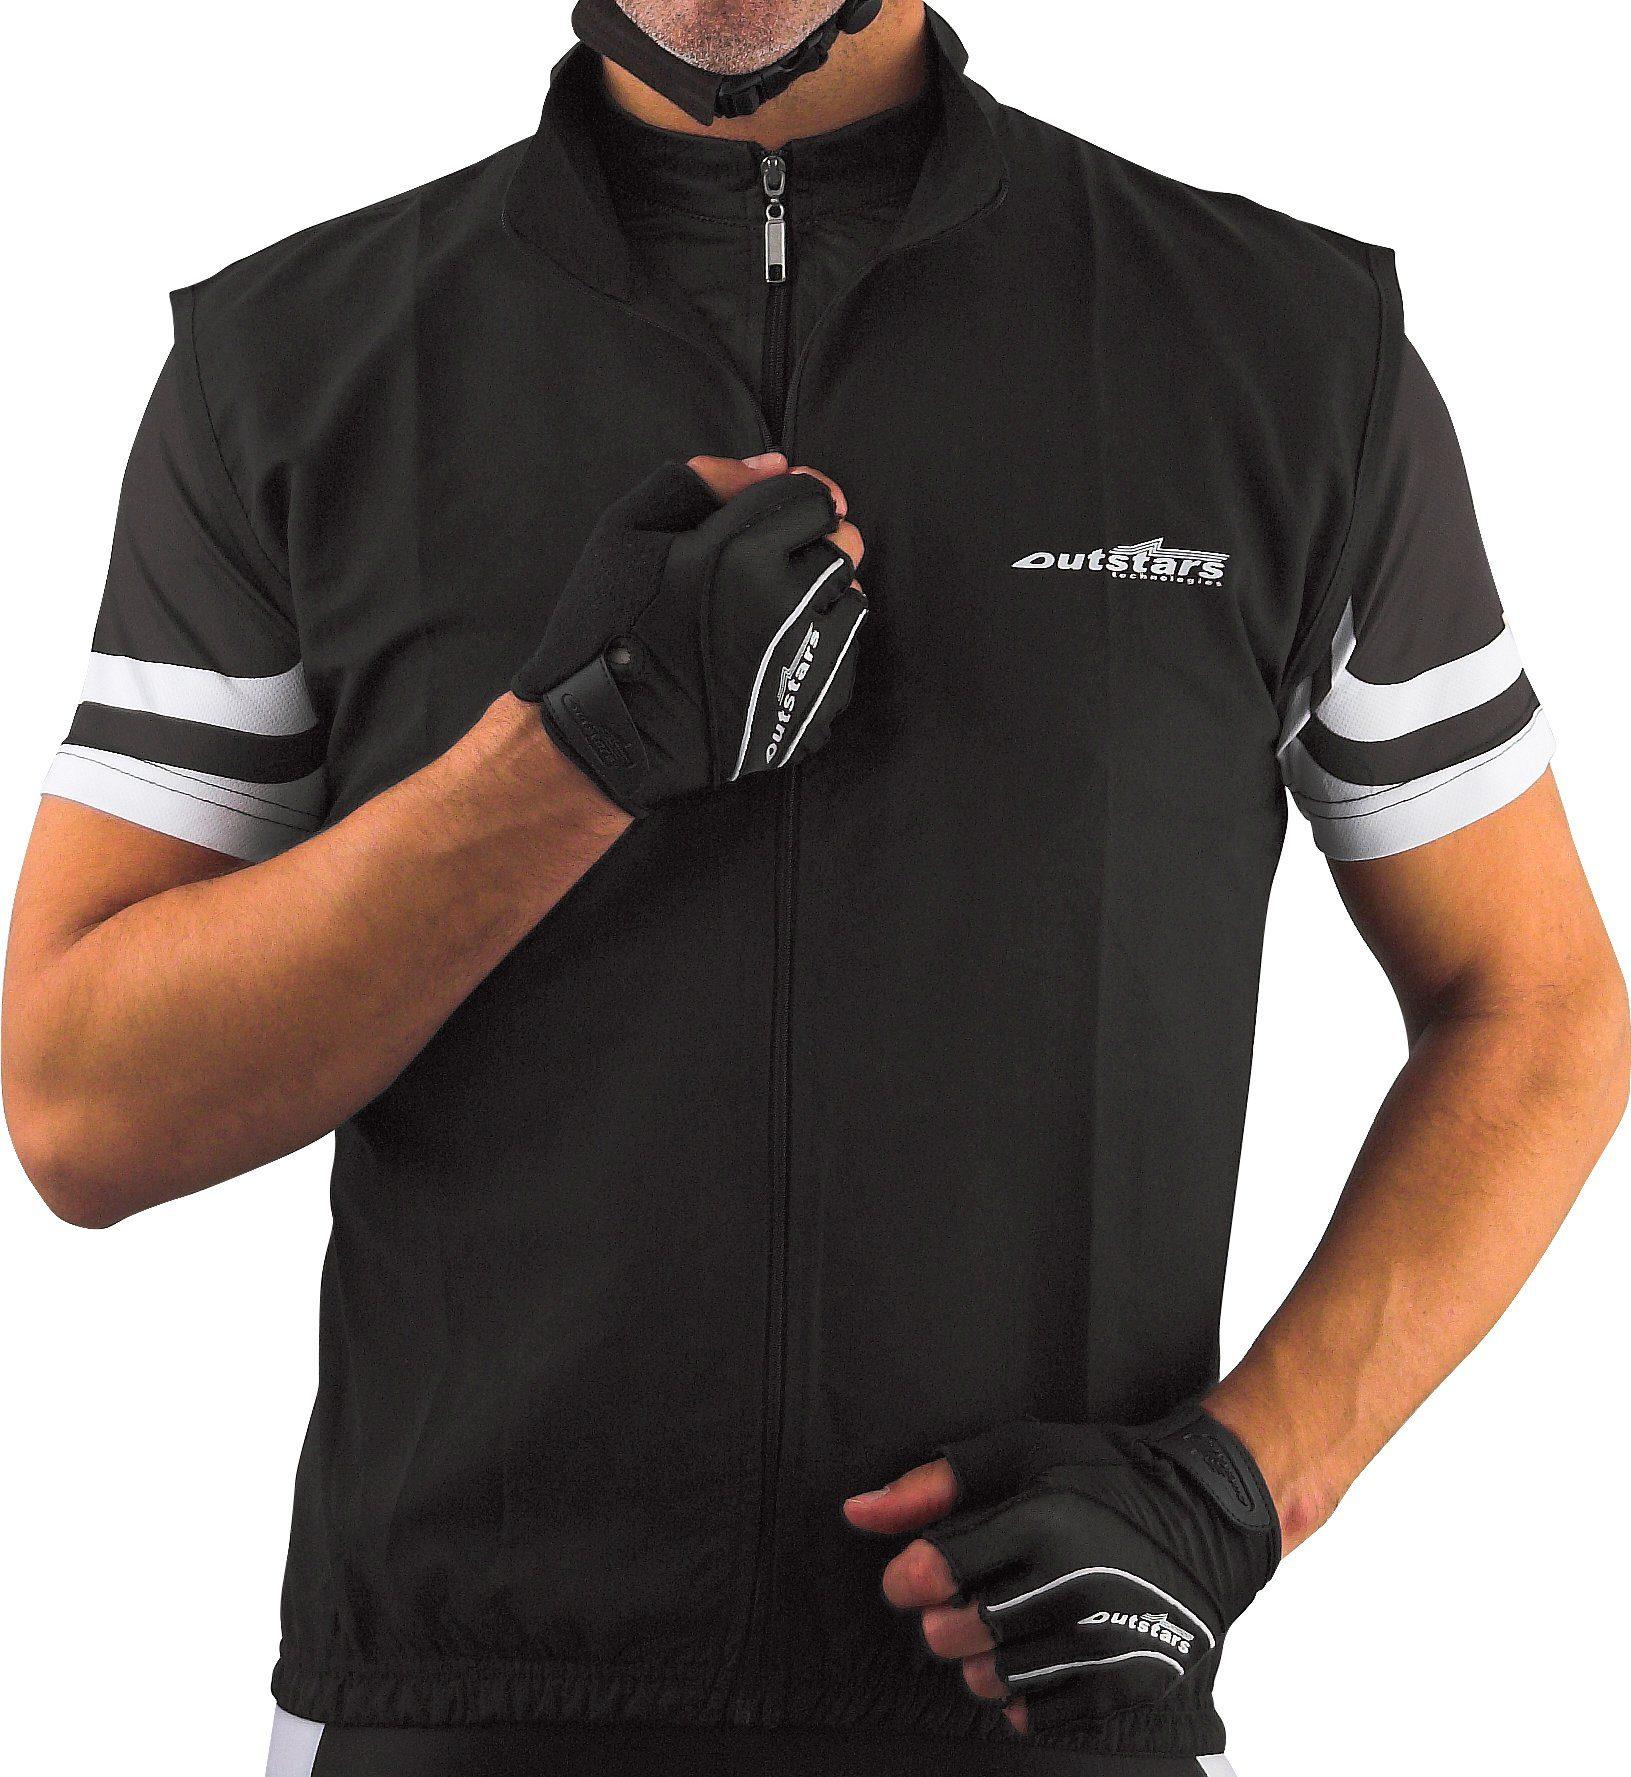 Unisex OUTSTARS Fahrradweste »Outstars« schwarz   04250167734188